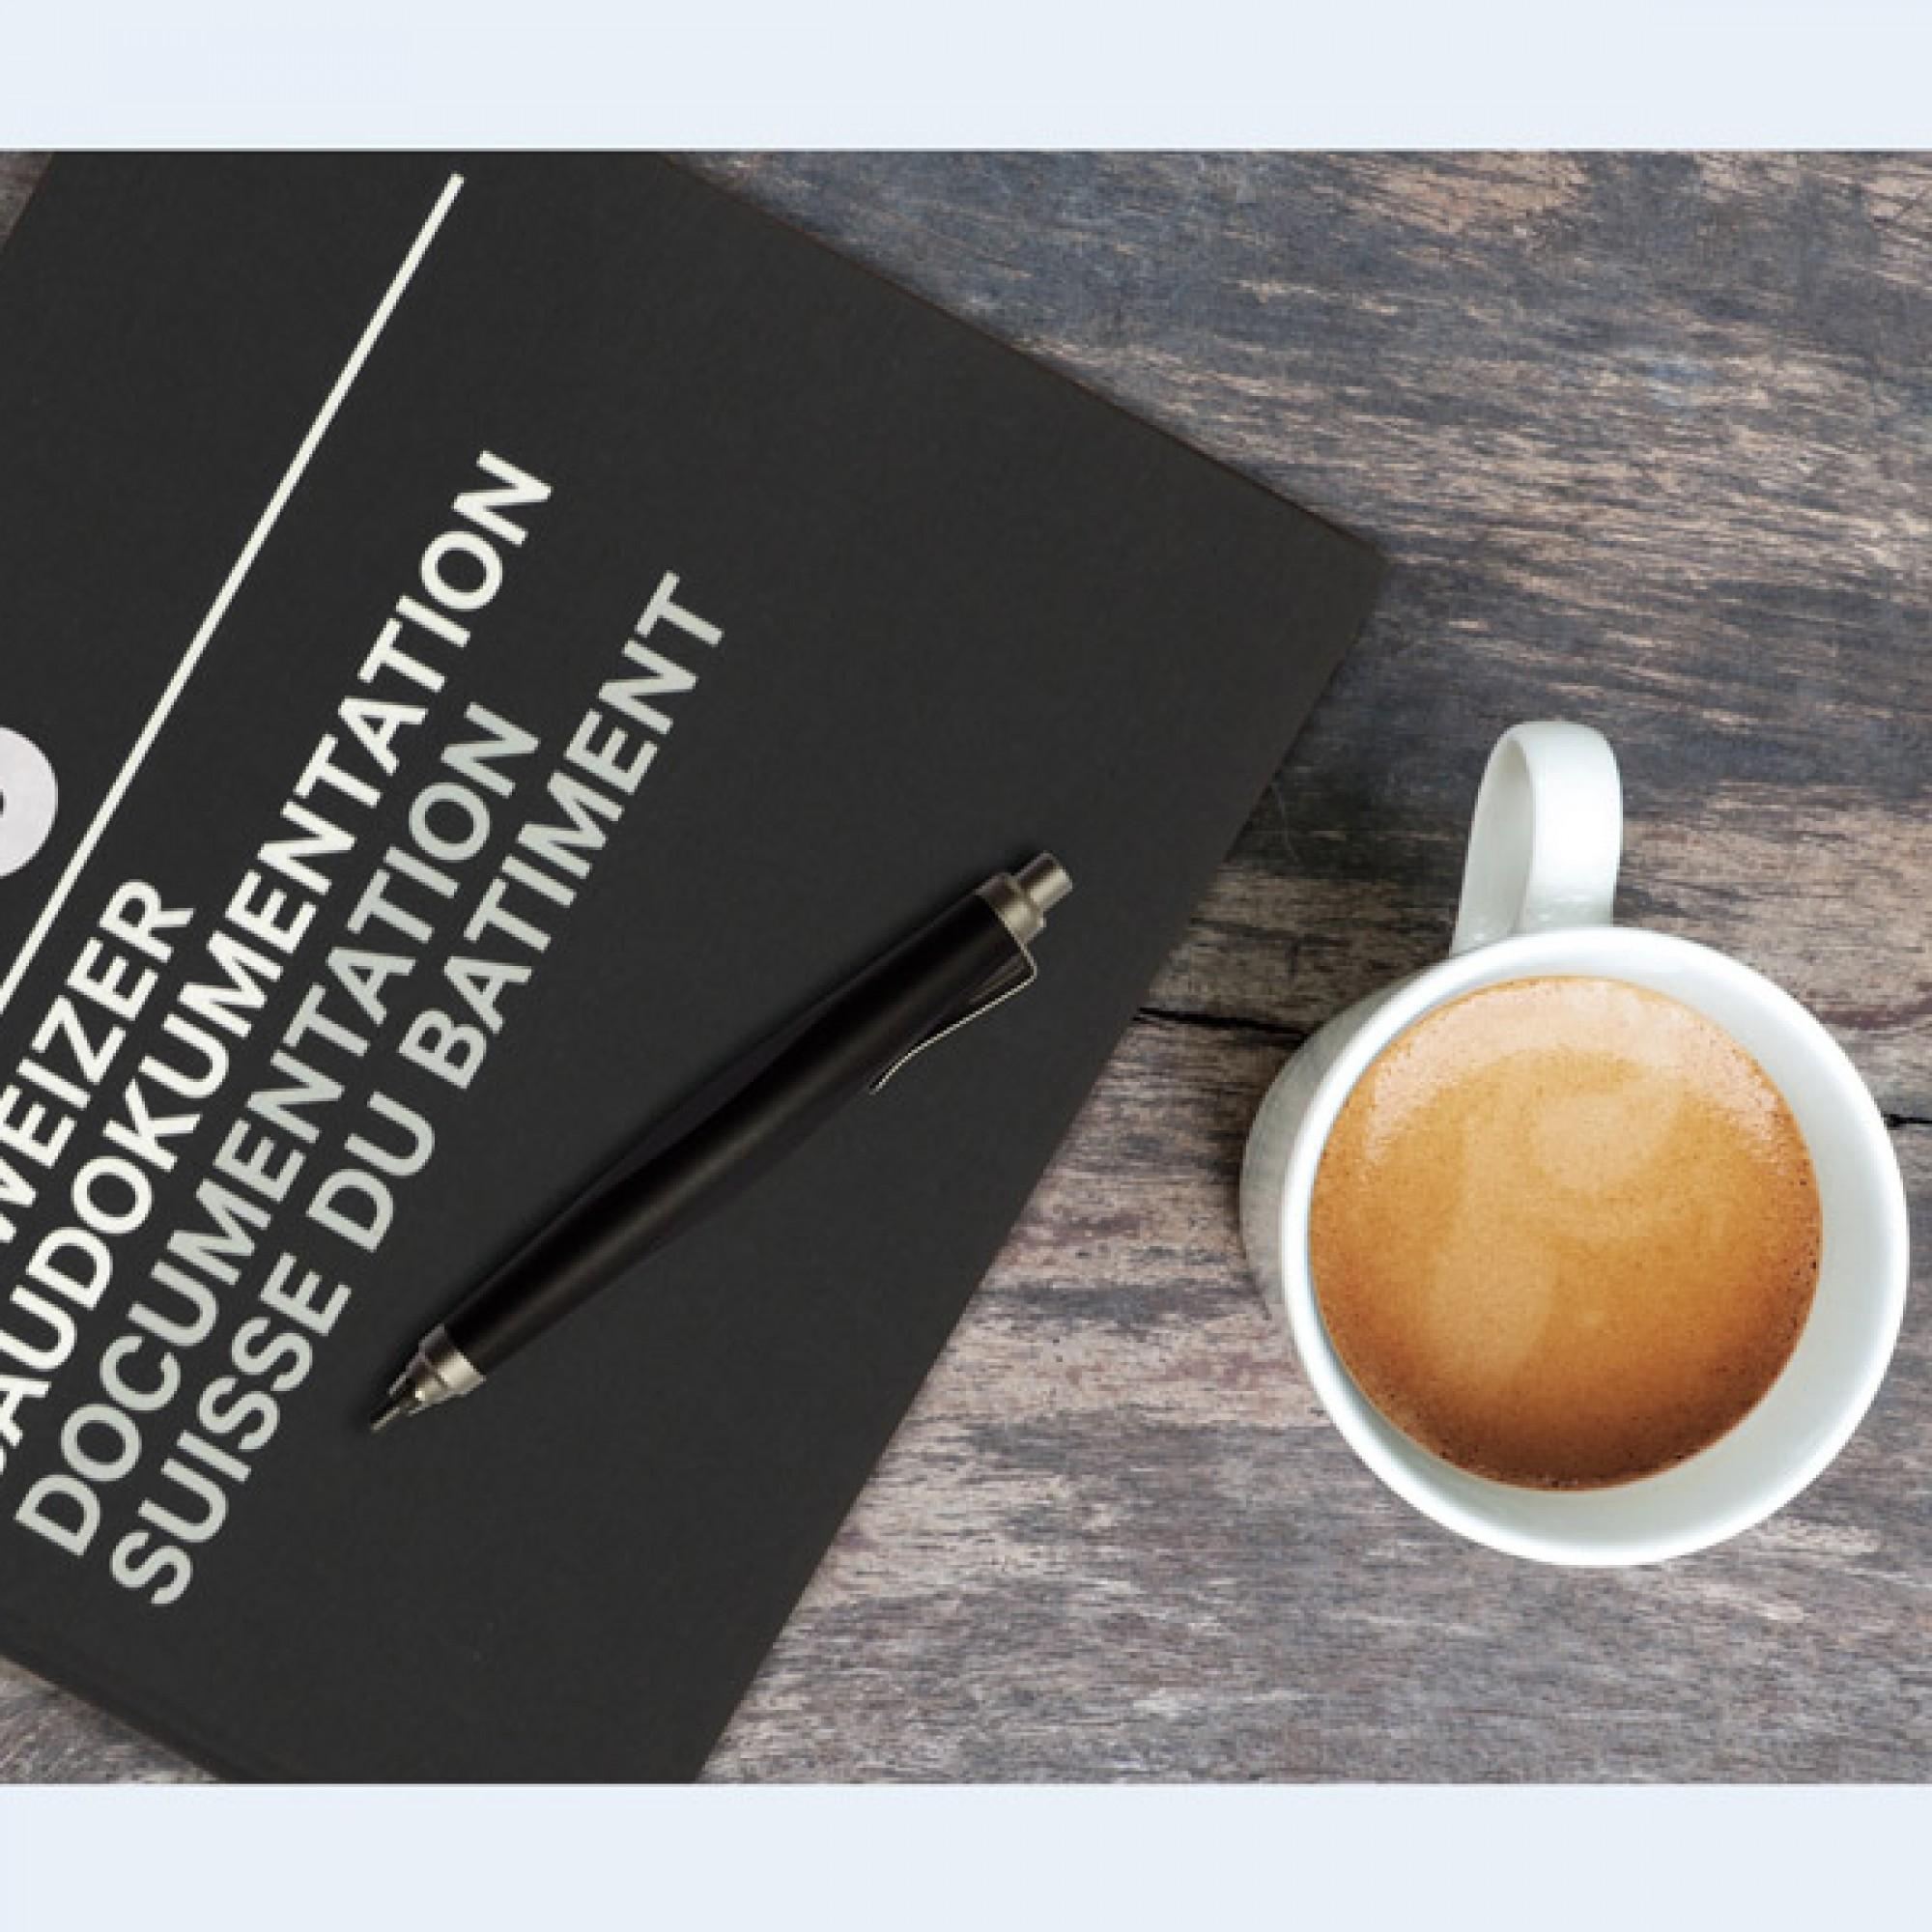 Ein Coffee Table Book der besonderen Art: Die Schweizer Baudokumentation 2016. (Bild: baudokumentation.ch)